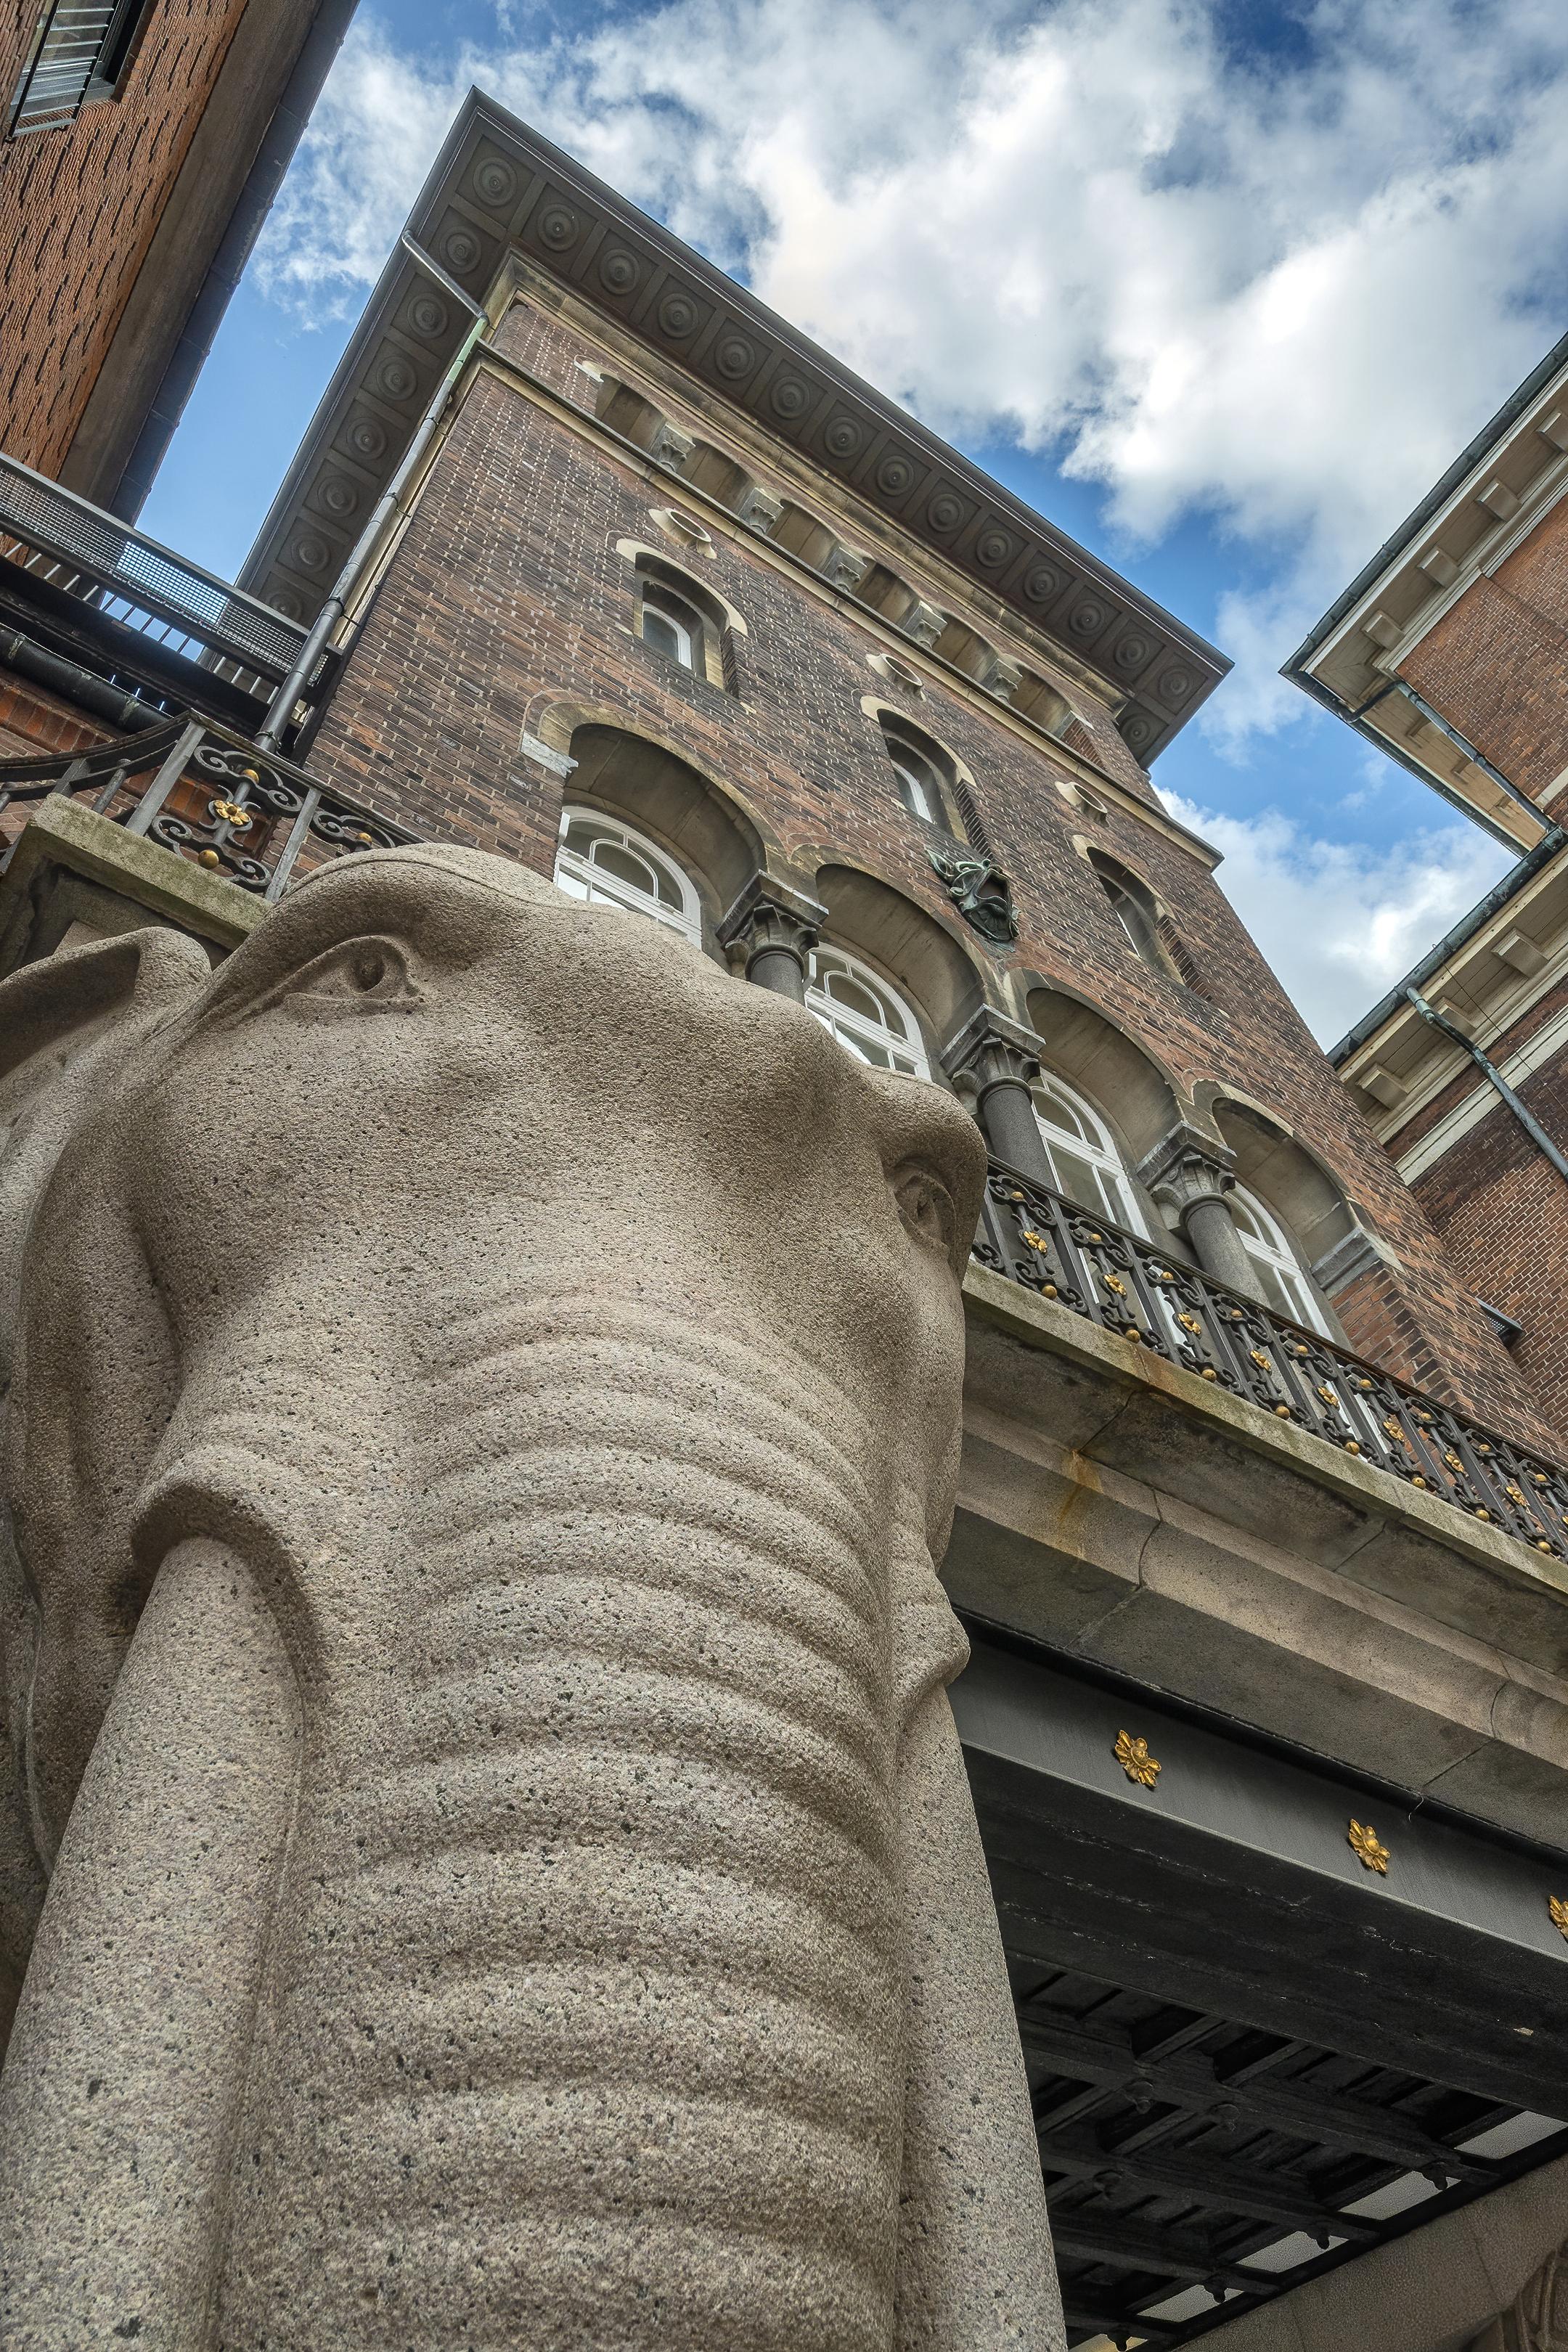 Elephant Gate and Tower carlsberg copenhagen-denoise